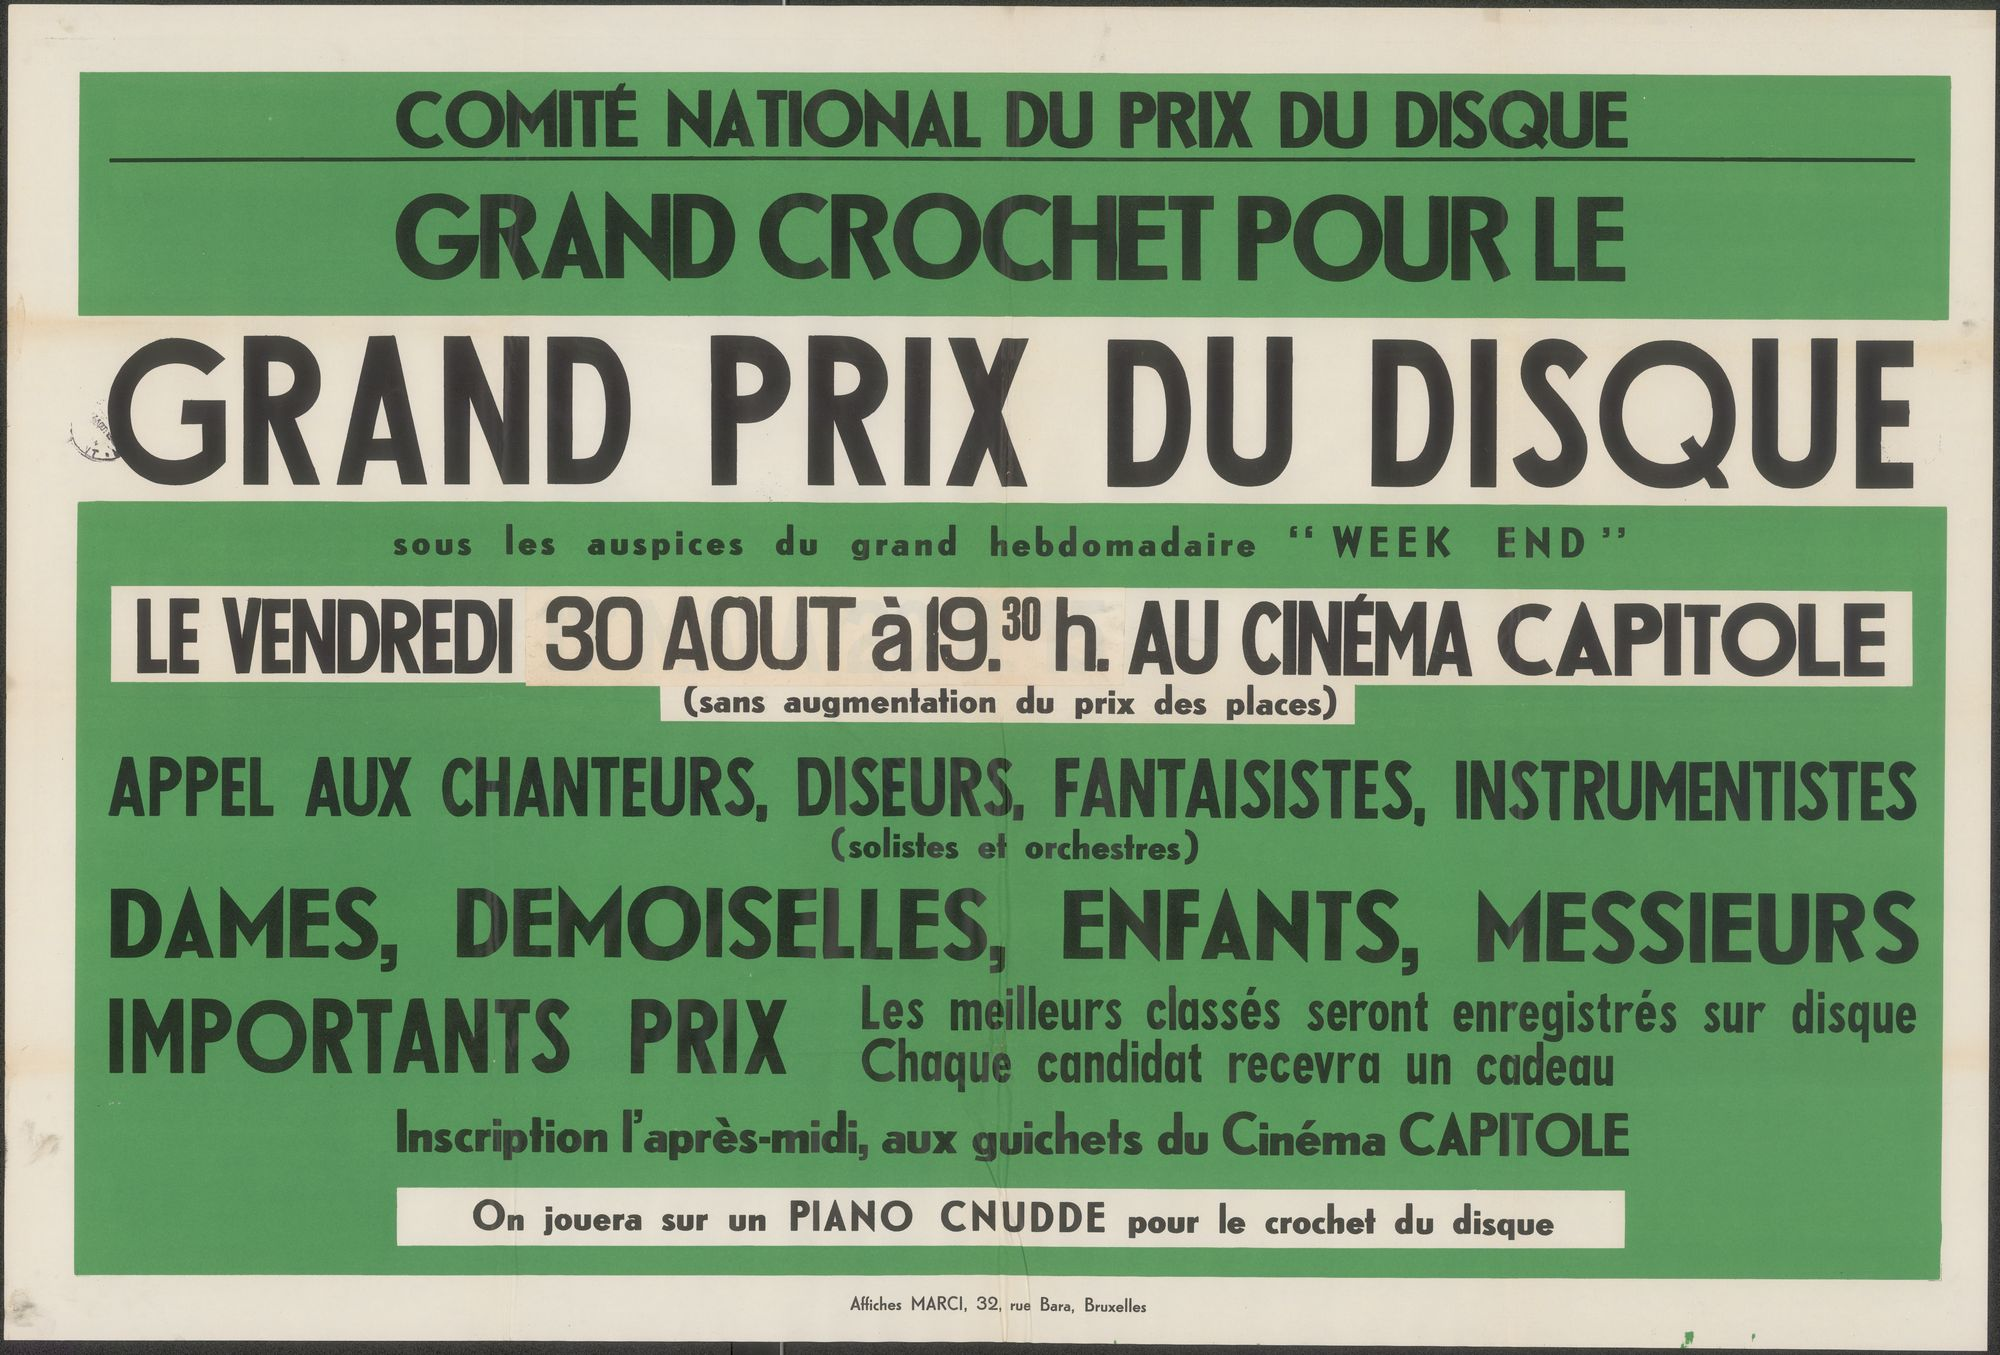 """Grand crochet pour le grand prix du disque, sous les auspices du grand hebdomadaire """"Week End"""", Comité National Du Prix Du Disque, Cinéma Capitole, 30 augustus 1940"""